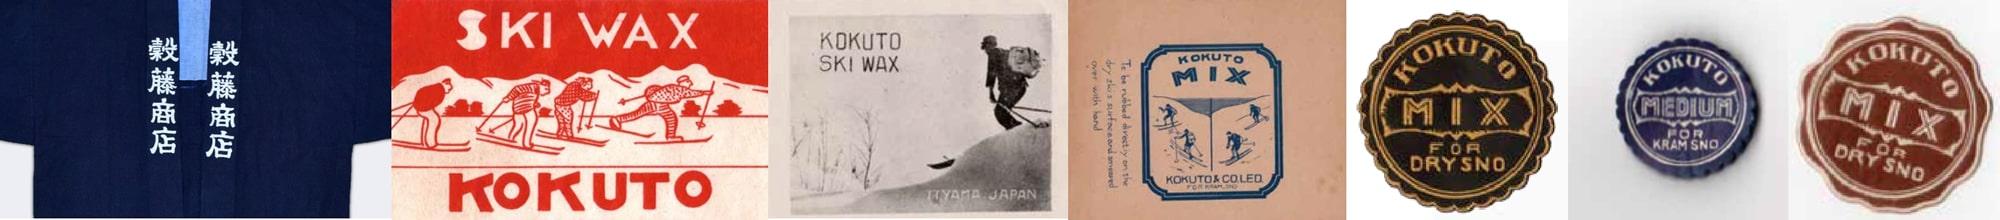 飯山の雪国文化の写真